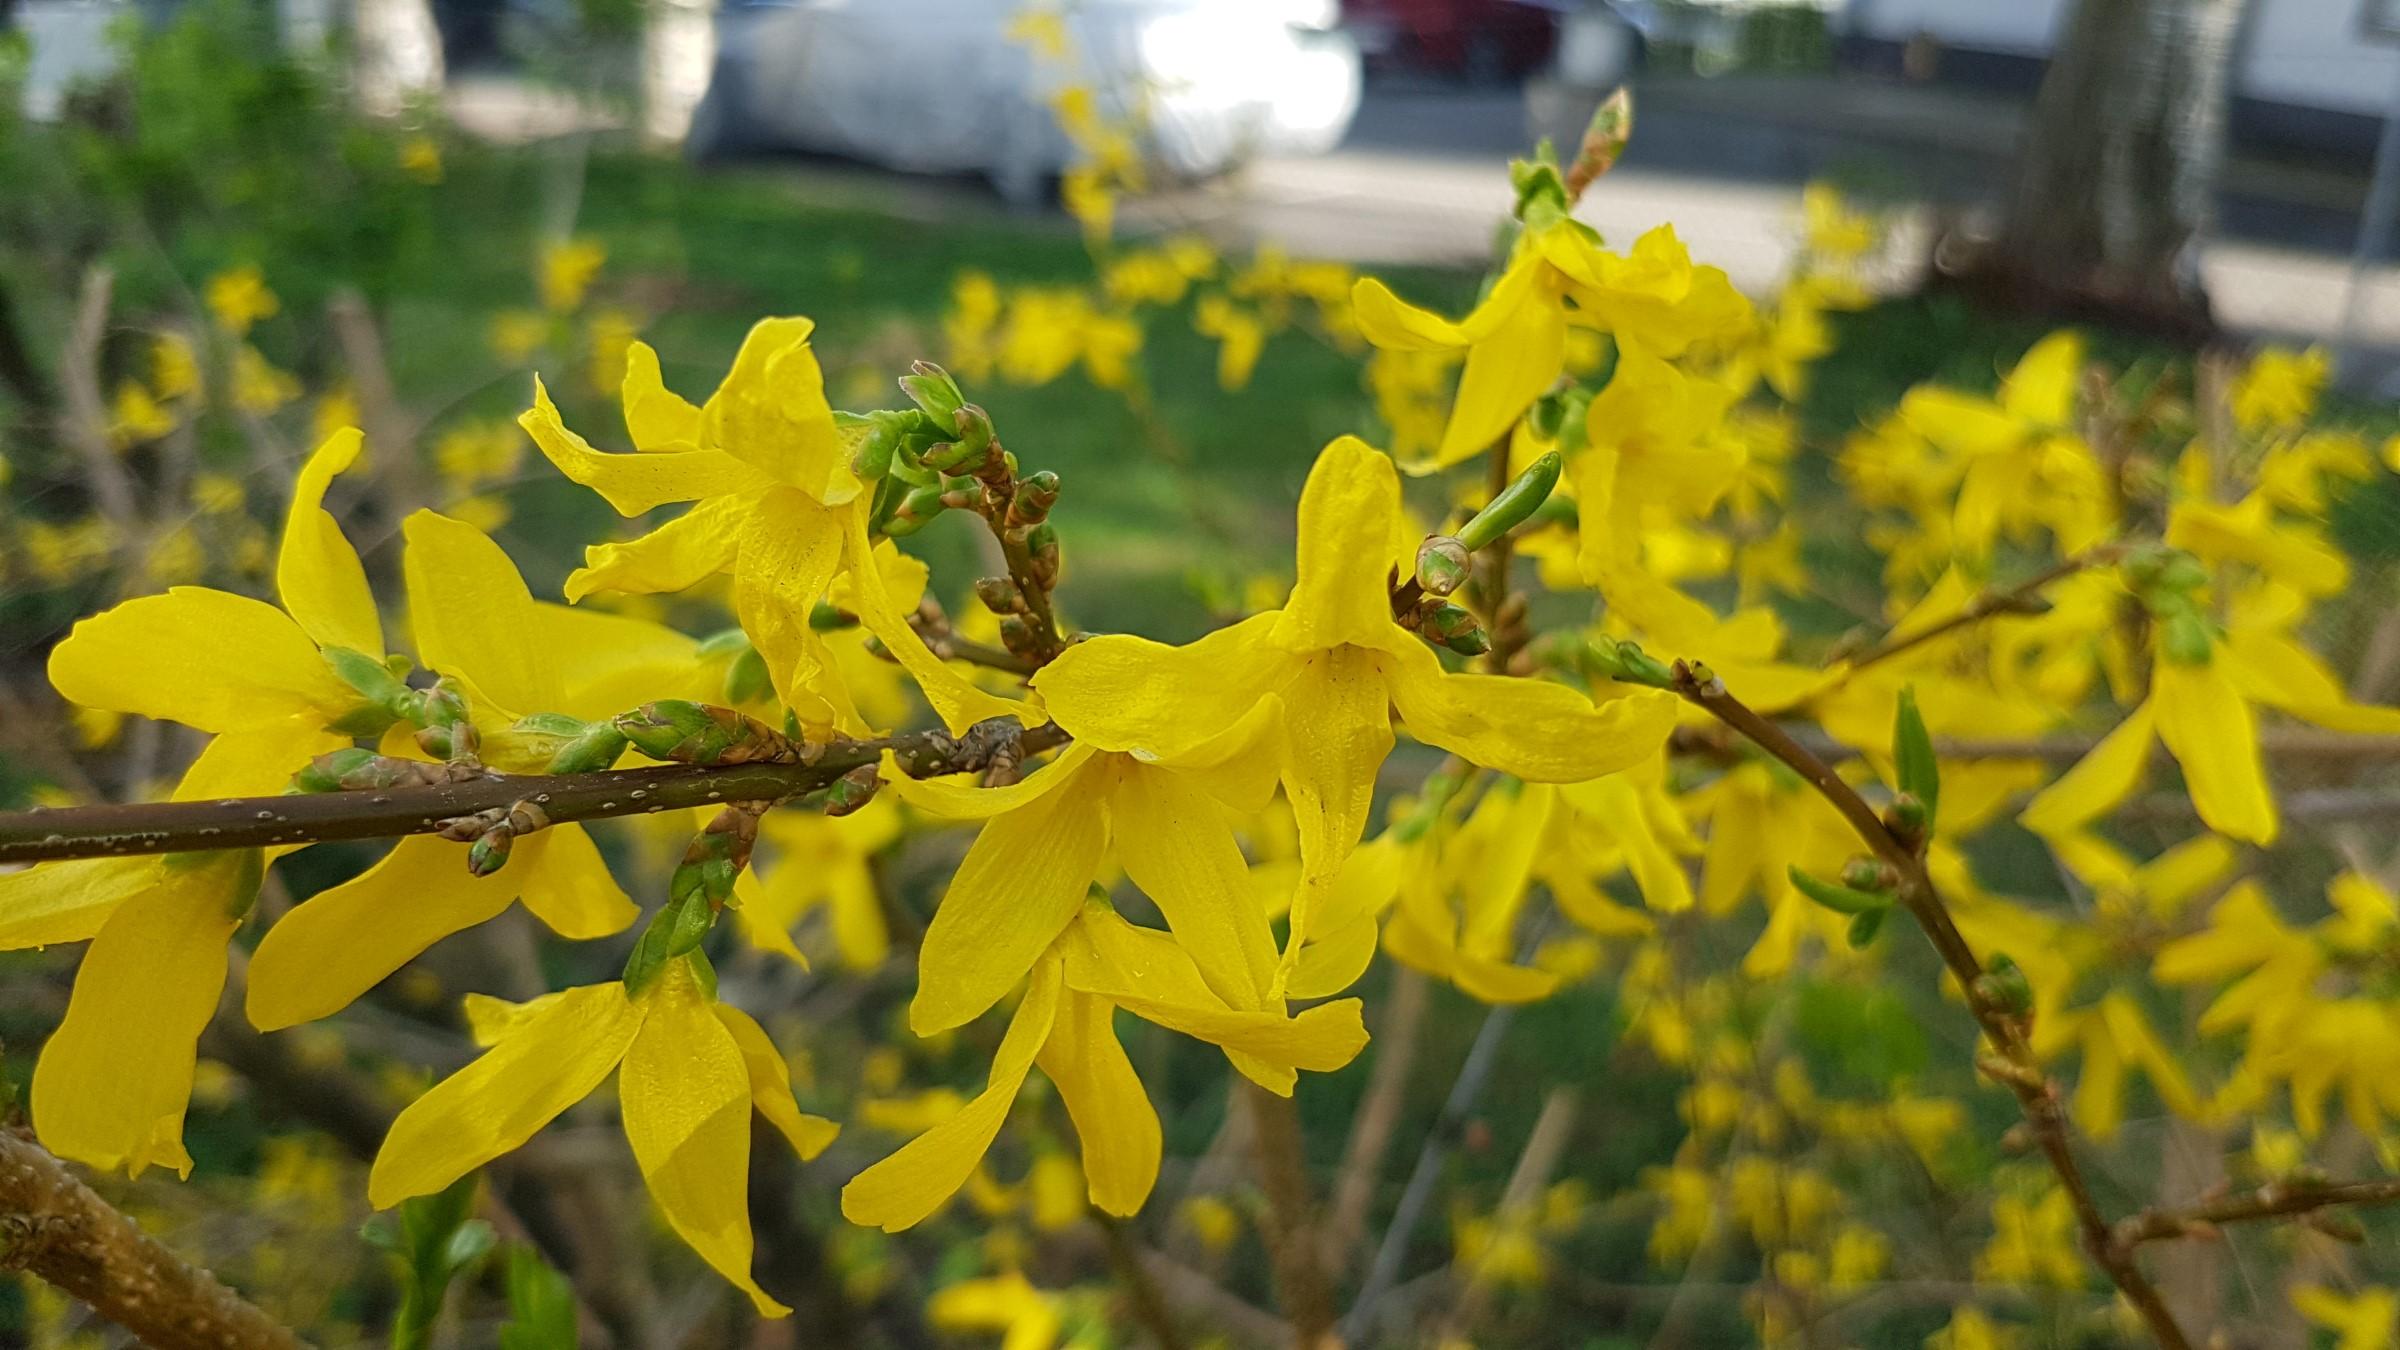 Gule blomster på kvist